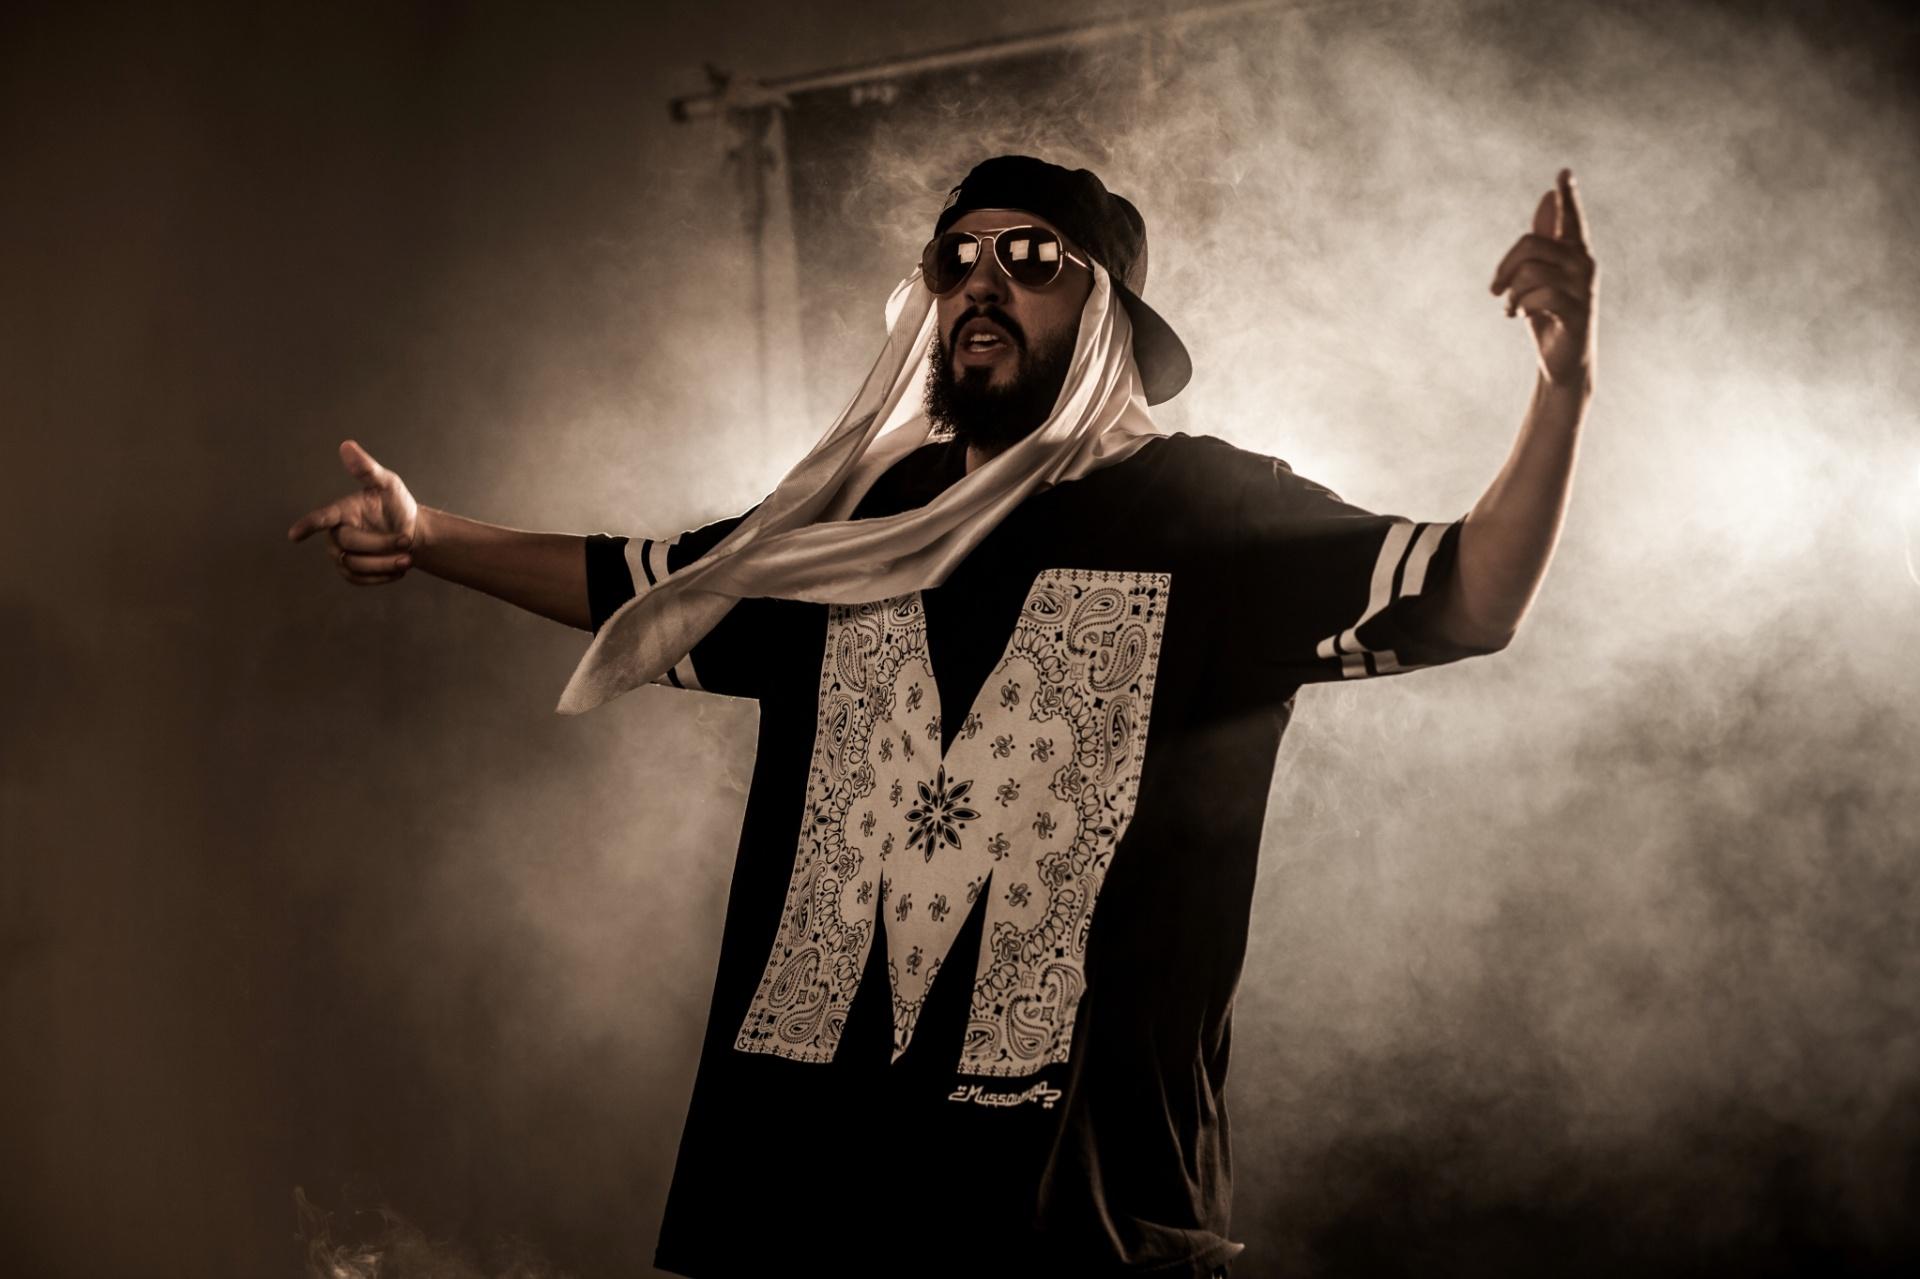 Rapper mistura boné com lenço e se lança como Mussoumano no Youtube -  28 10 2015 - UOL Entretenimento 47a3df8d43d